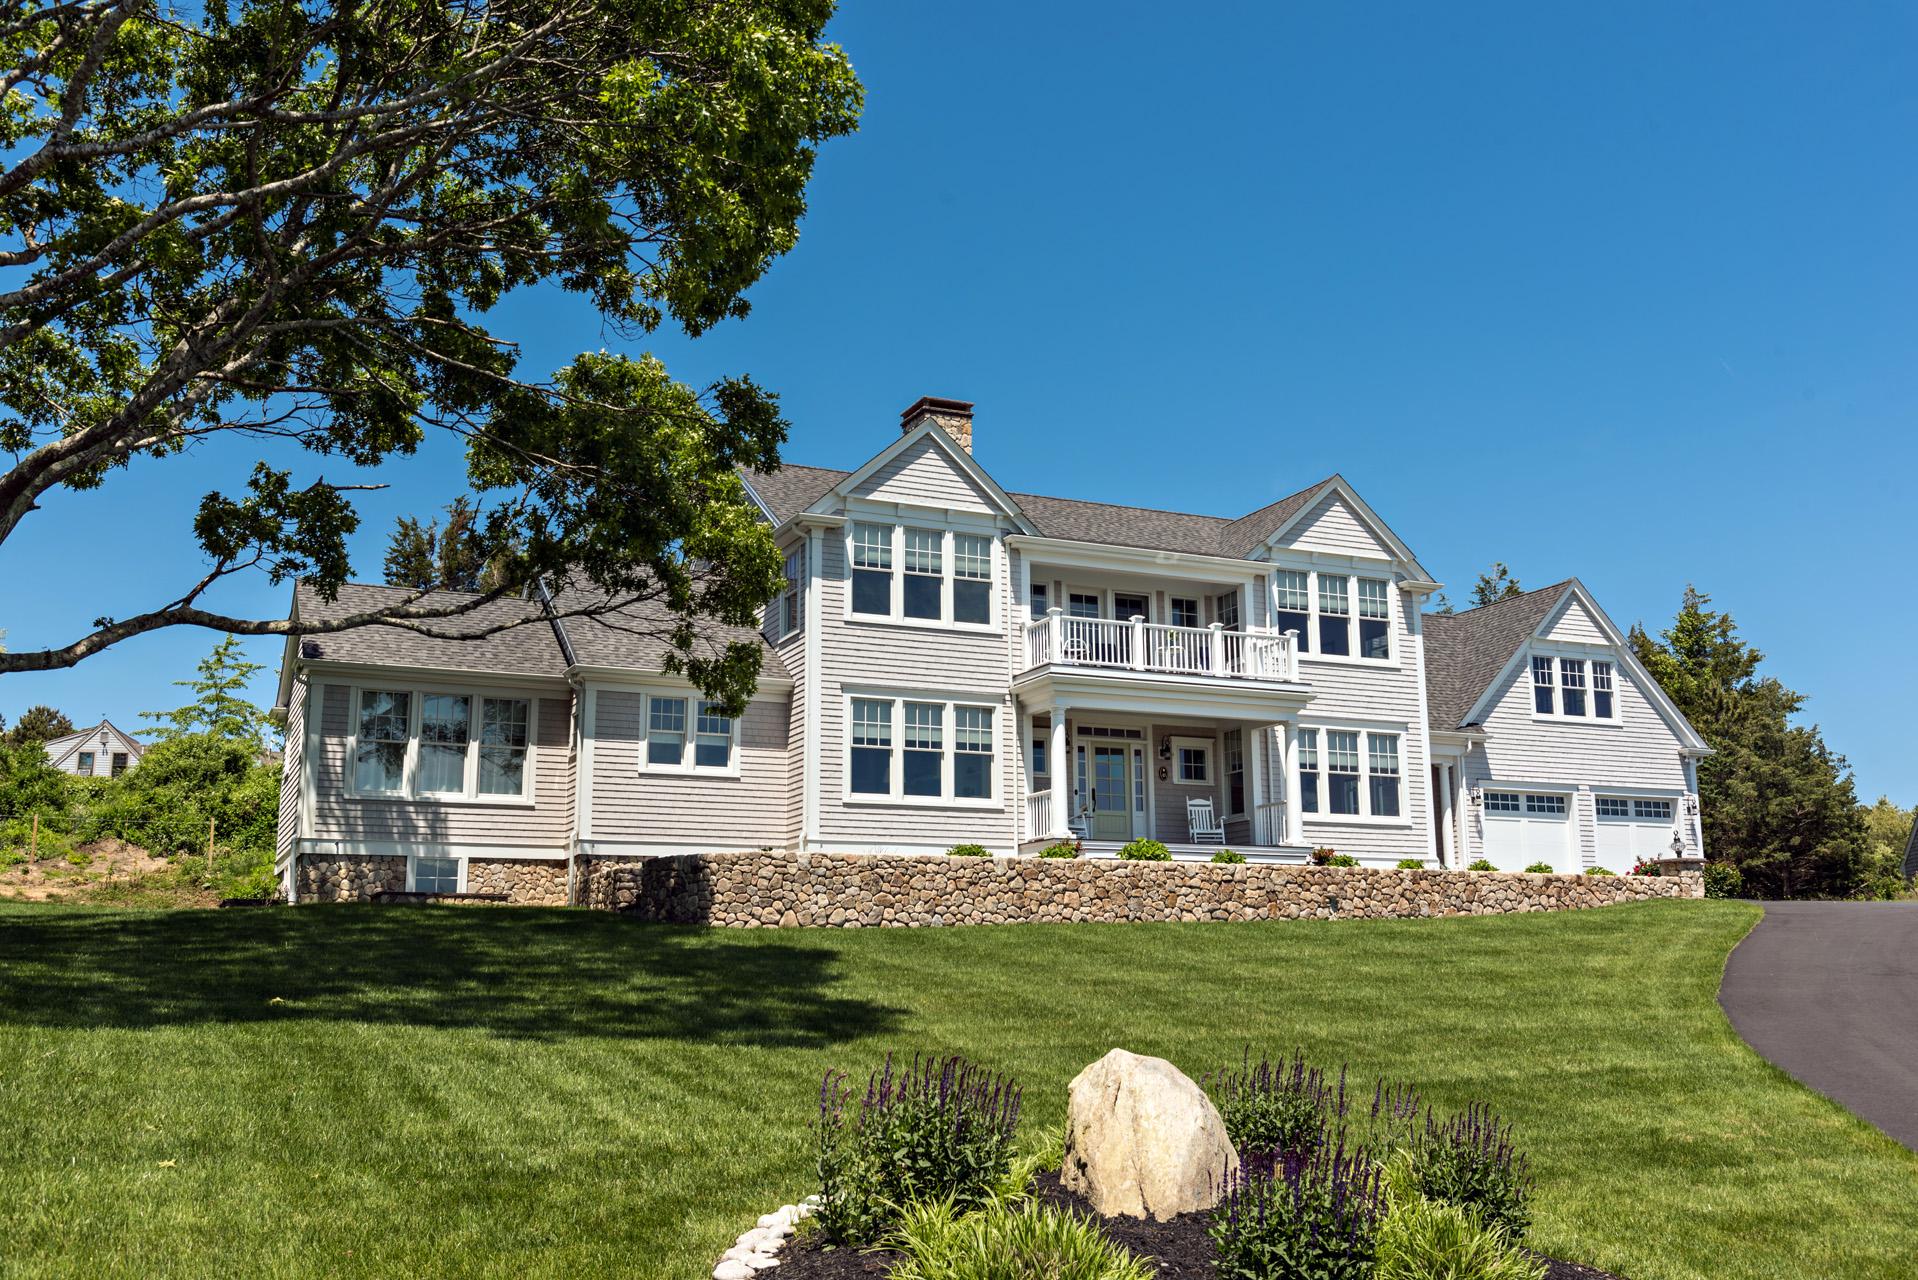 New Home - Barnstable, MA